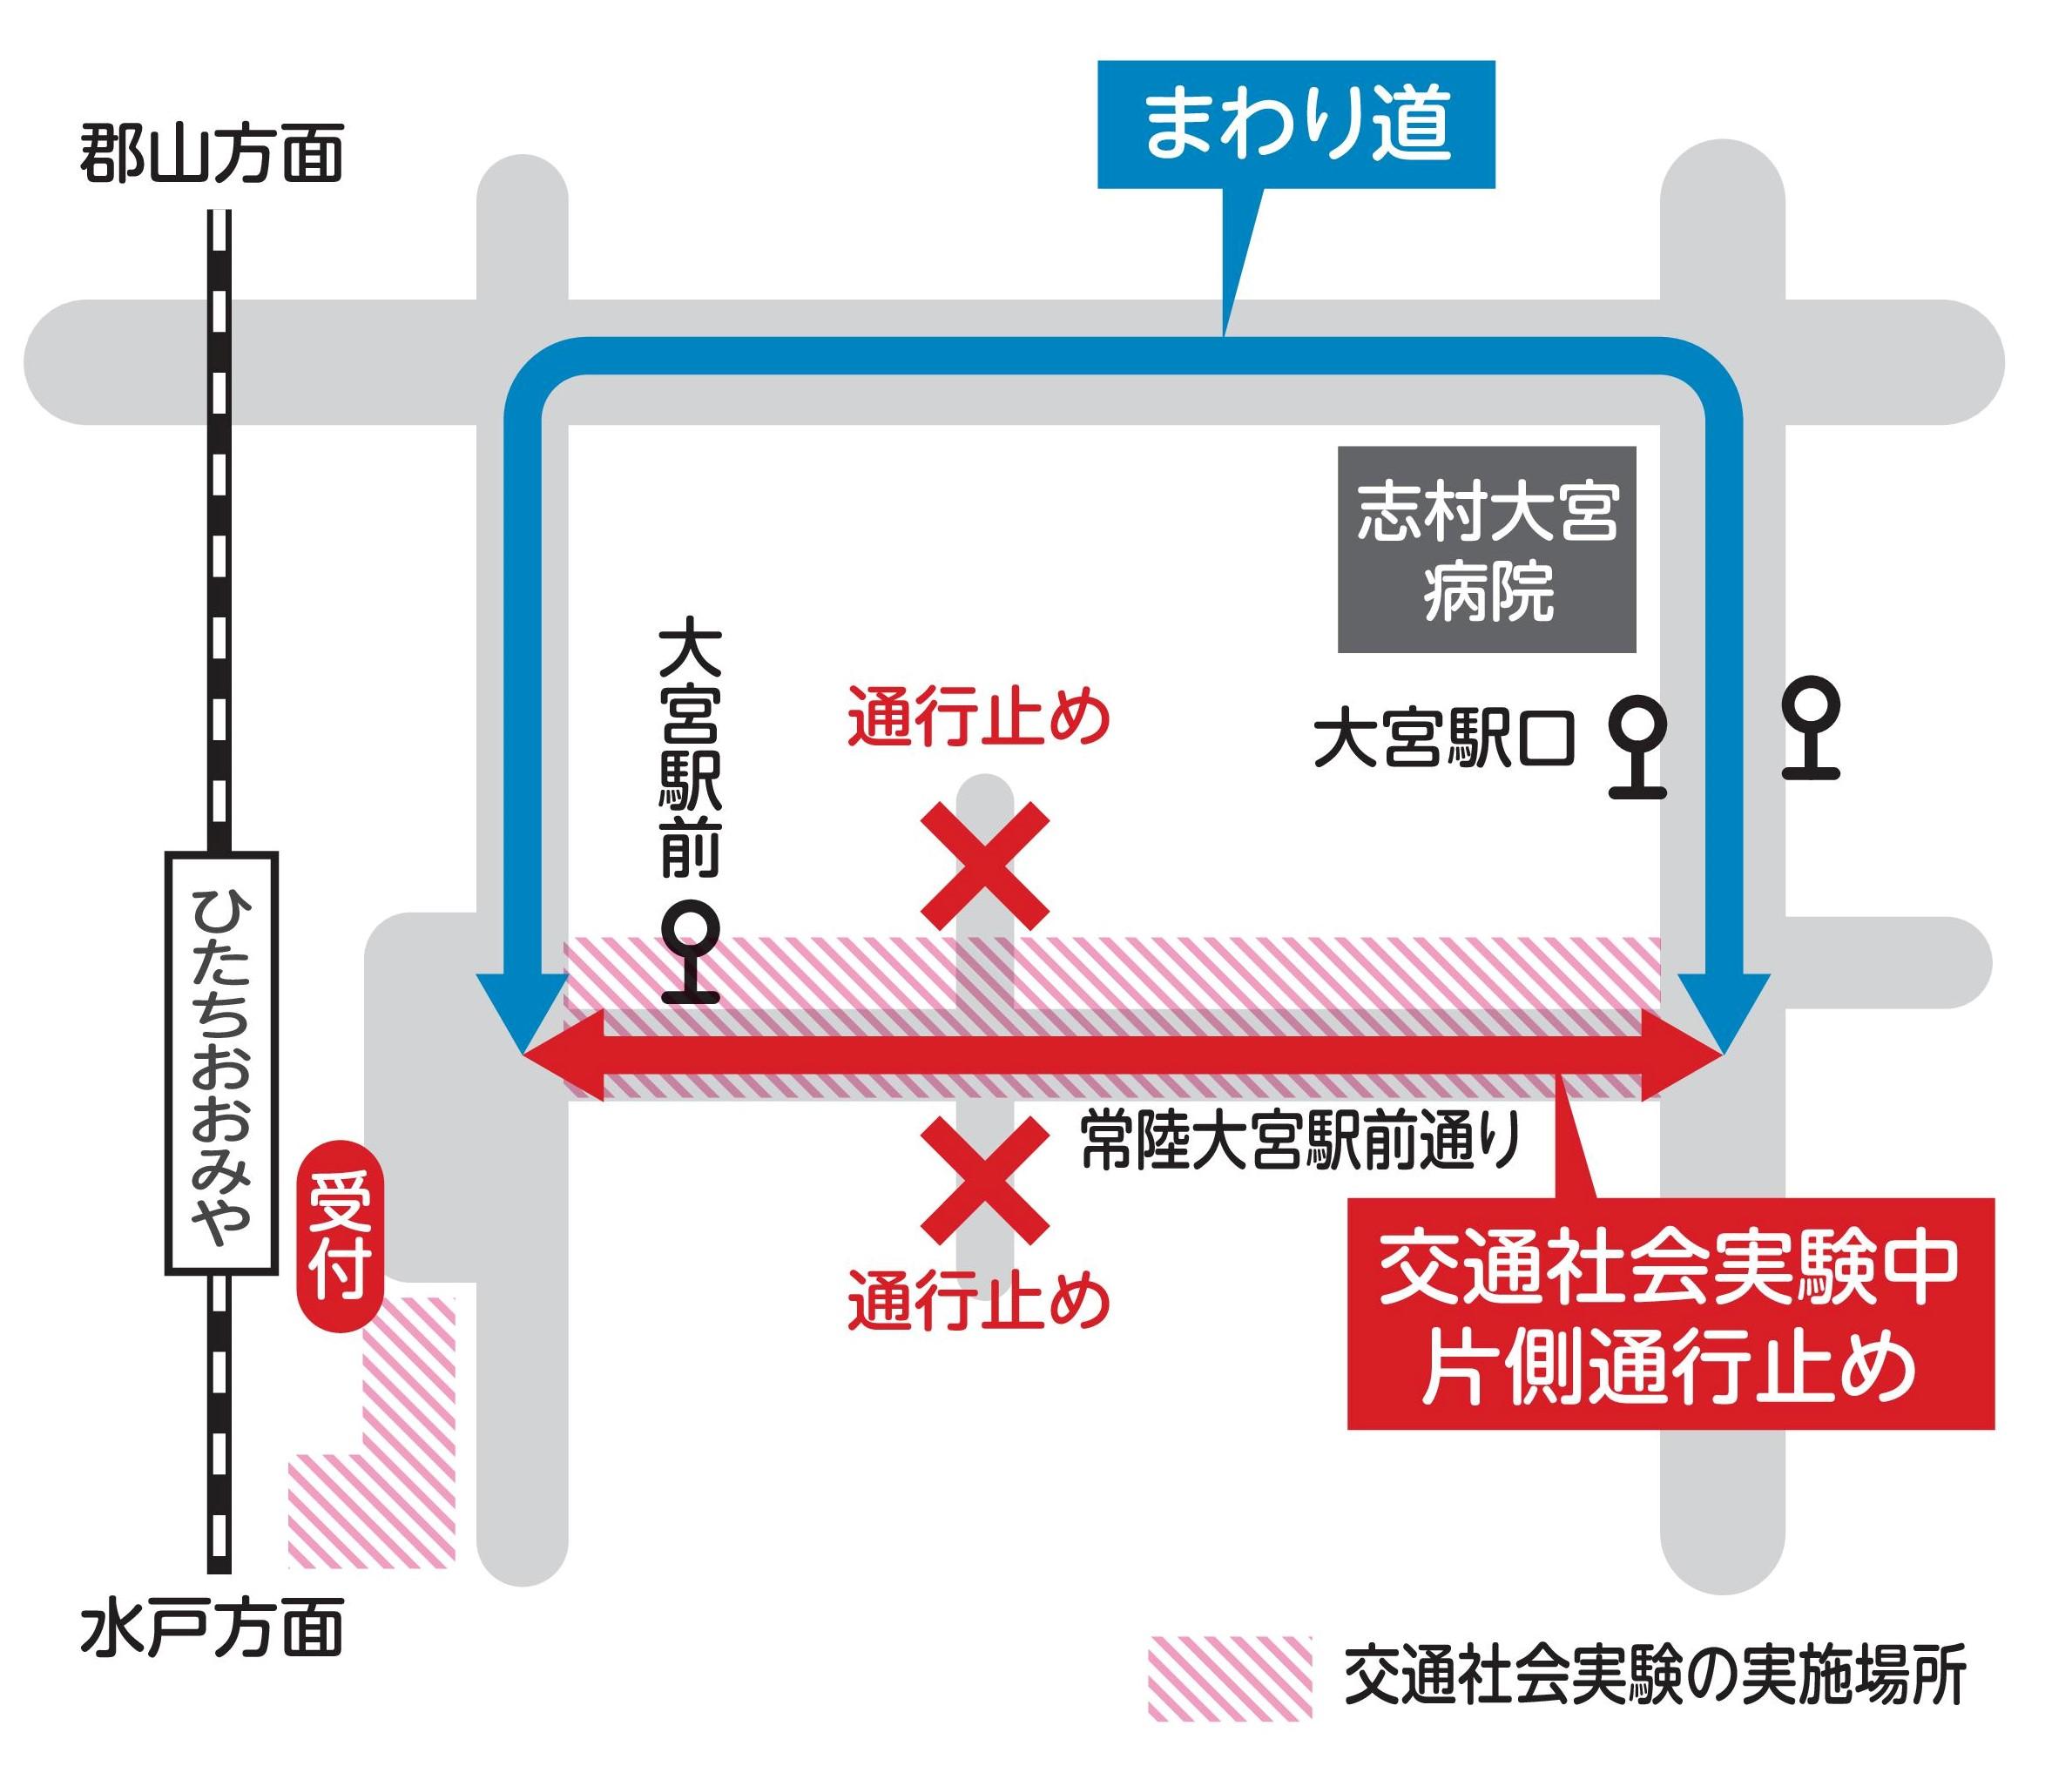 社会実験交通規制図